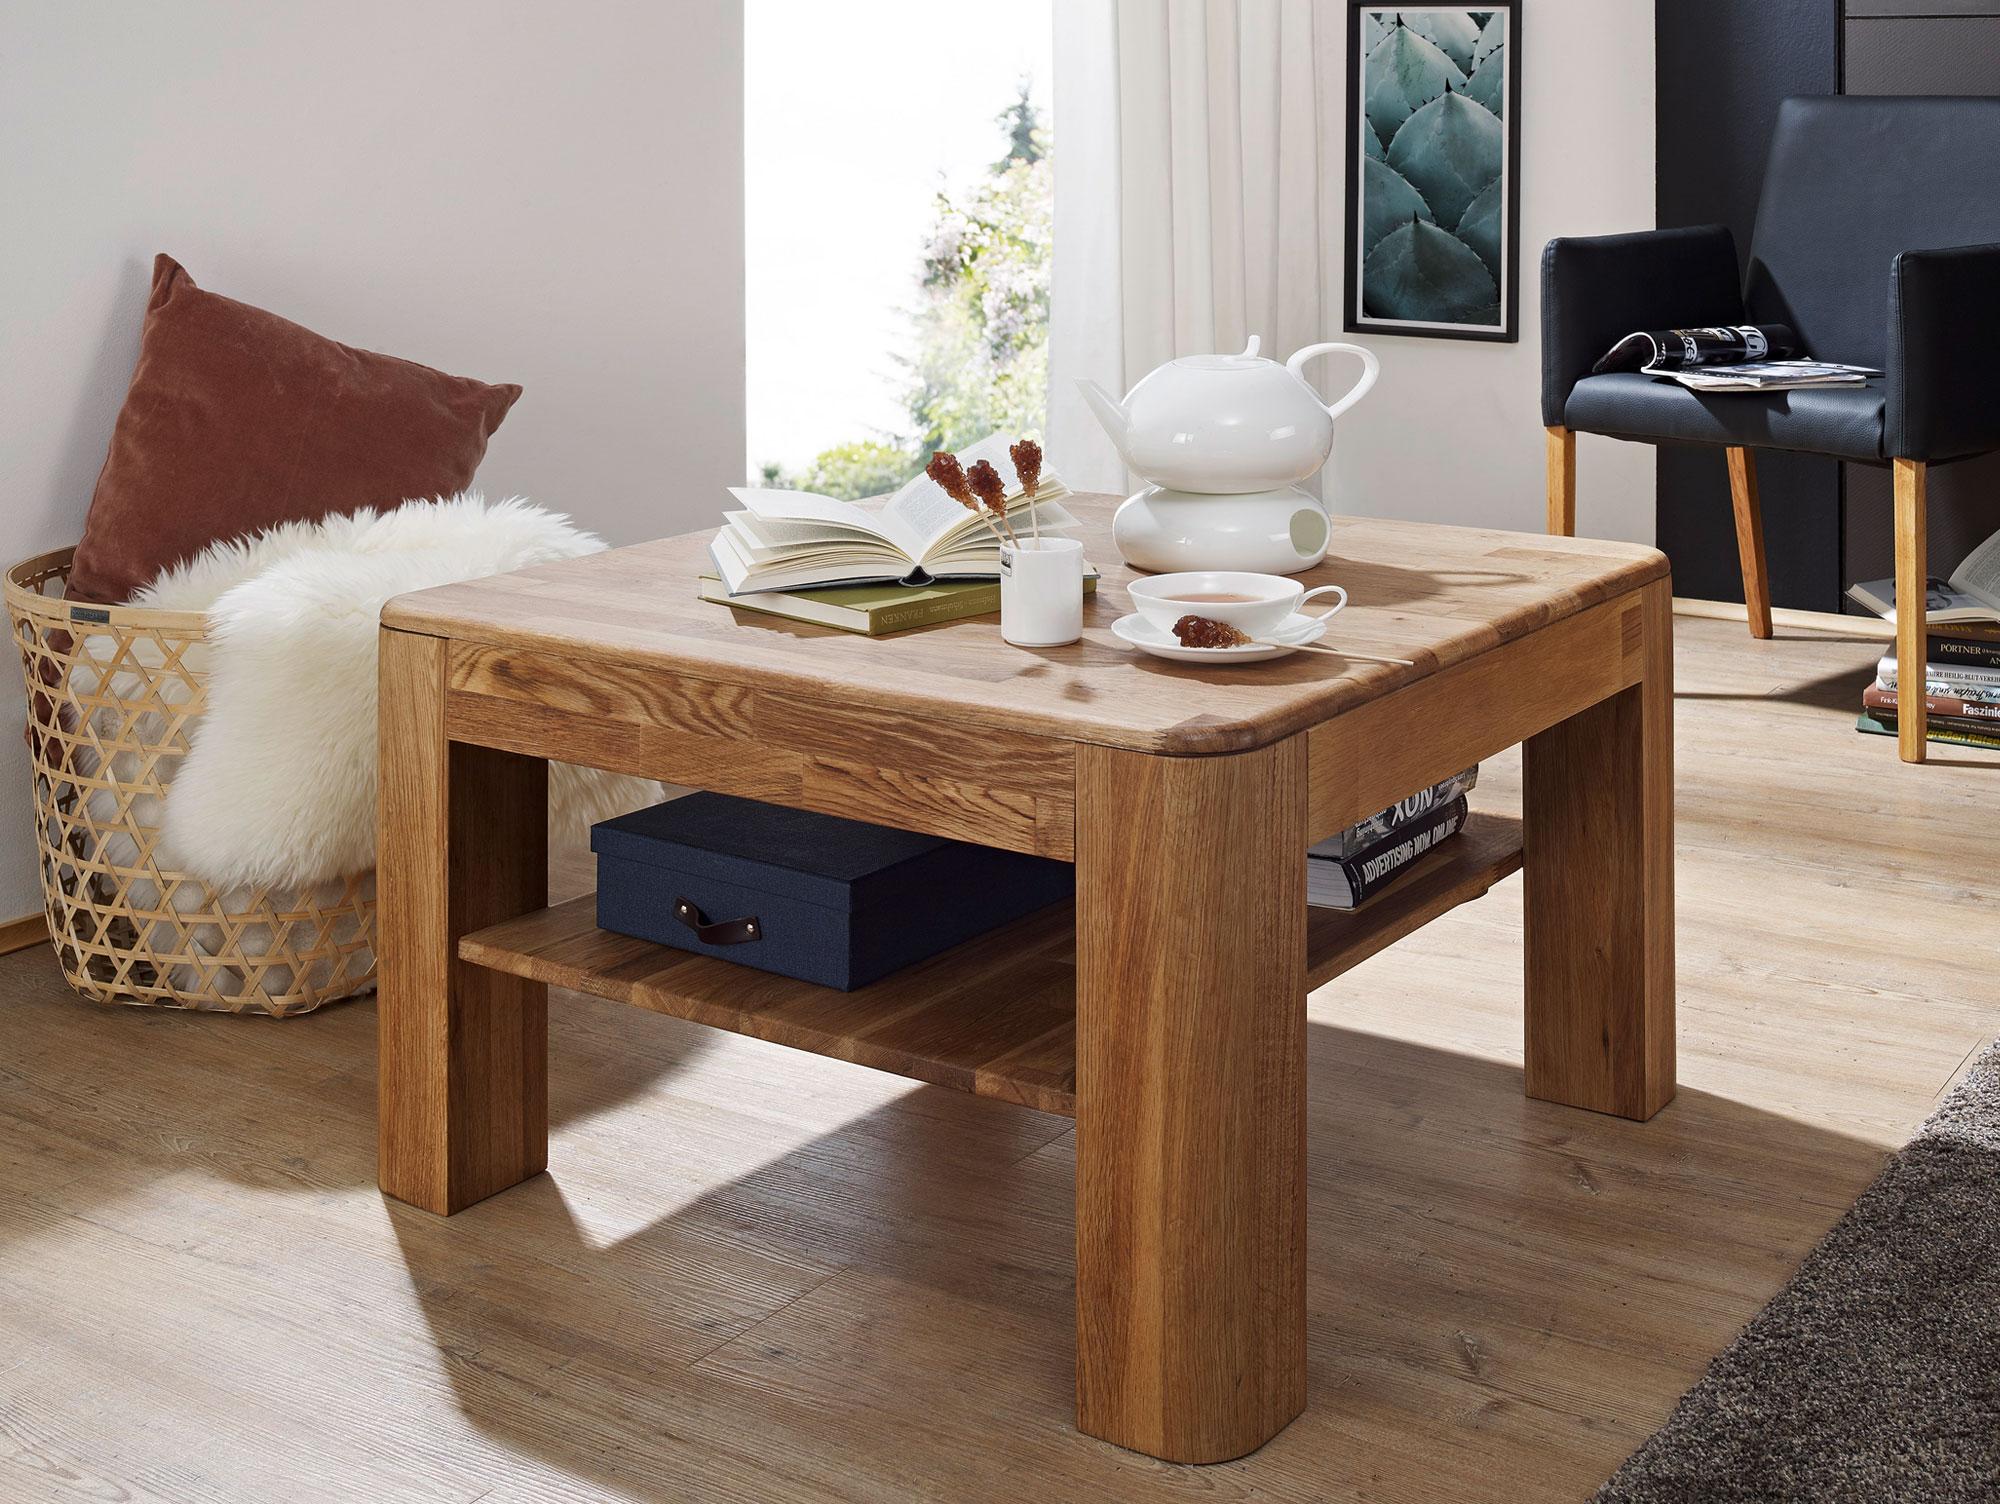 astoria couchtisch wildeiche massiv ge lt 80 x 80 cm. Black Bedroom Furniture Sets. Home Design Ideas